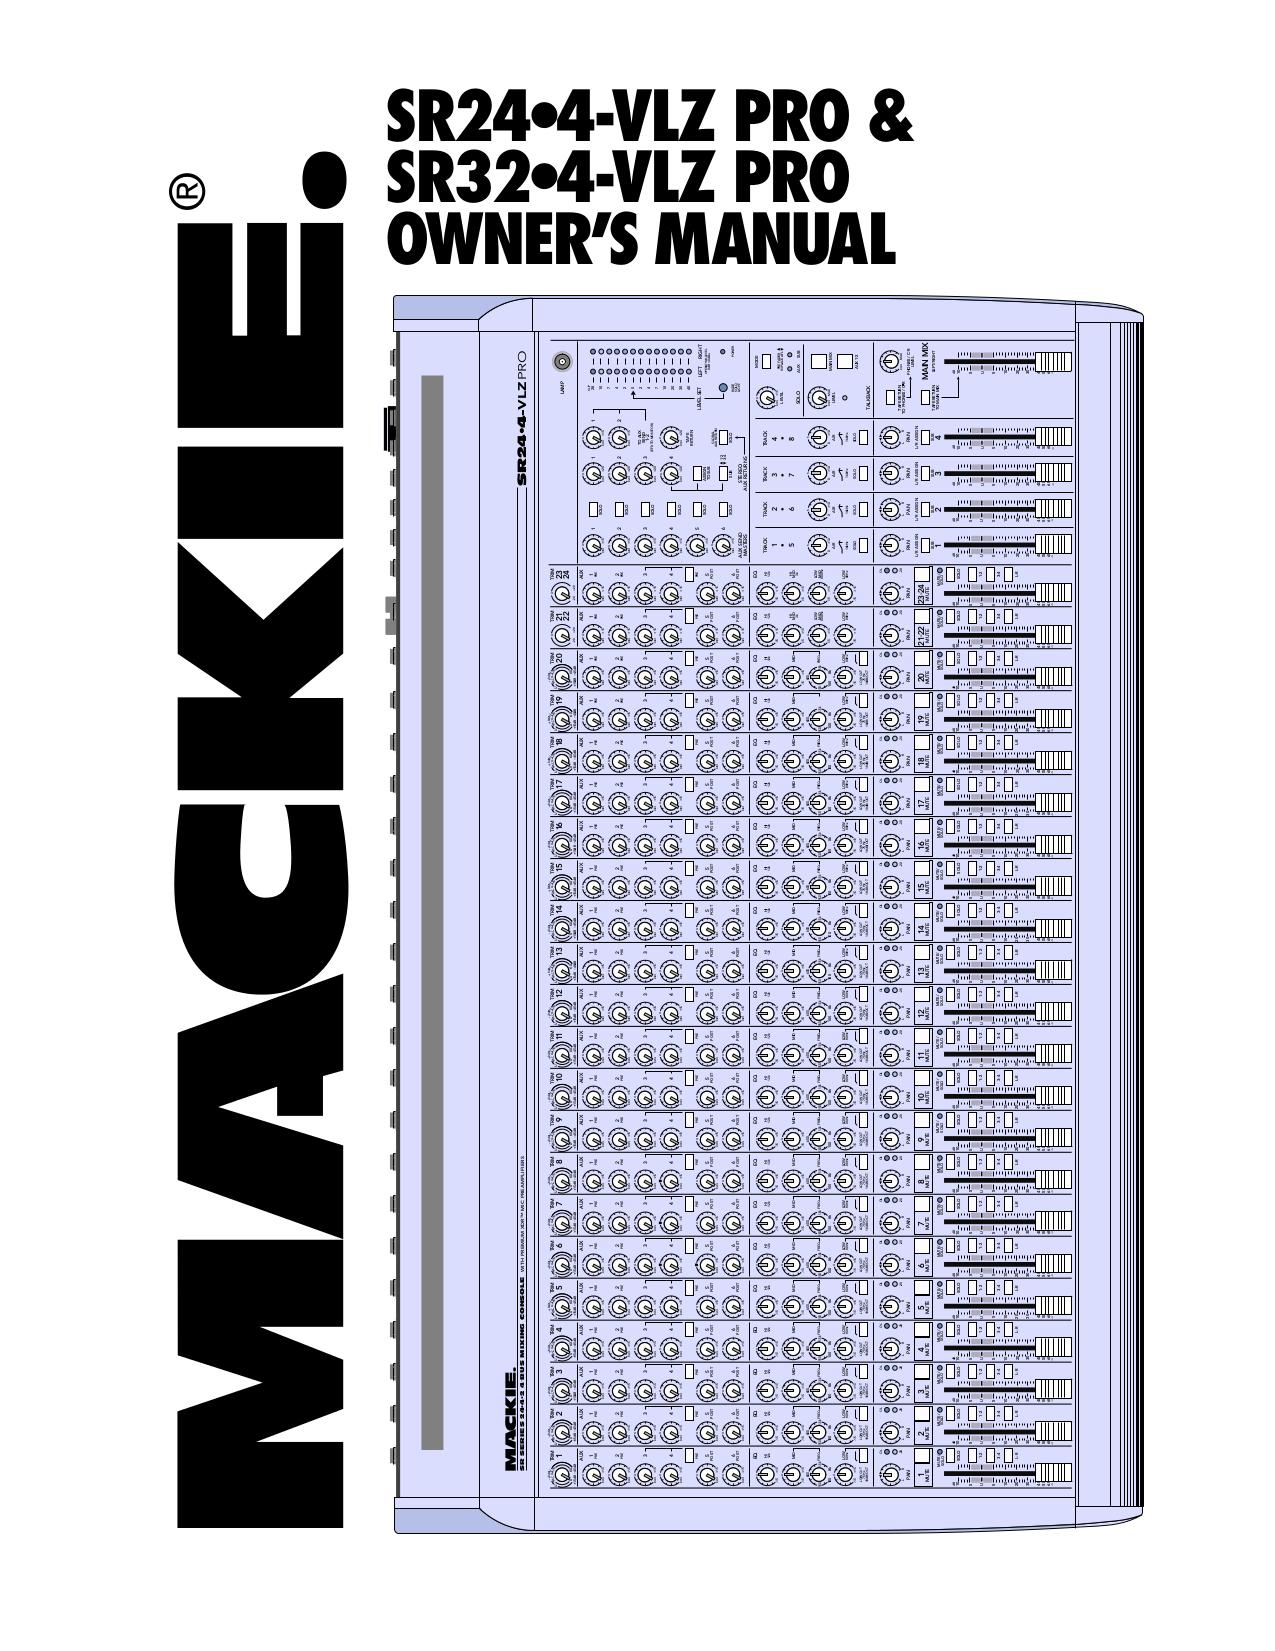 Mackie sr24 4 vlz manual